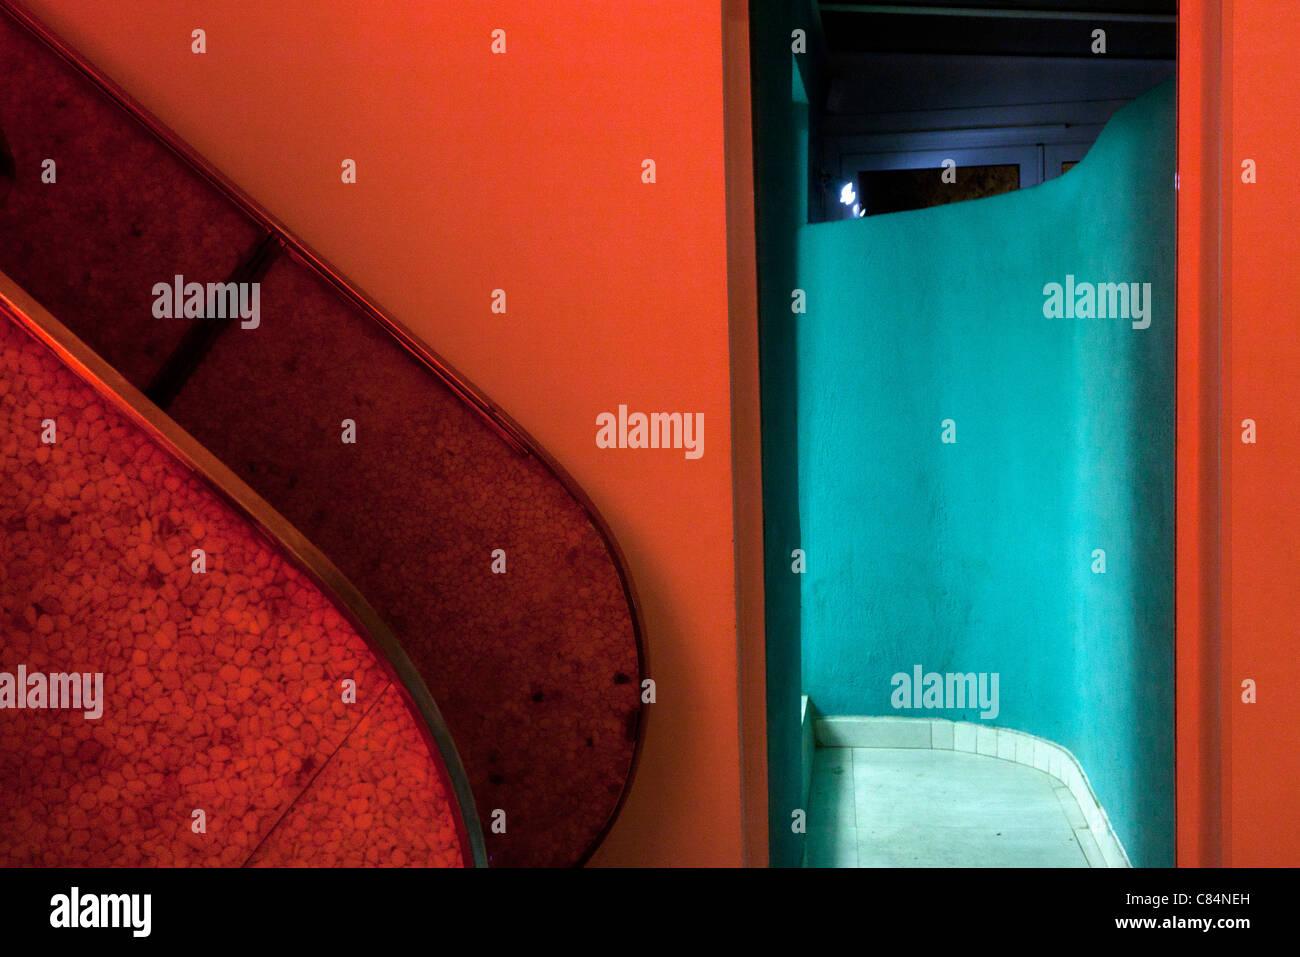 Vermelho e azul-turquesa interior Imagens de Stock